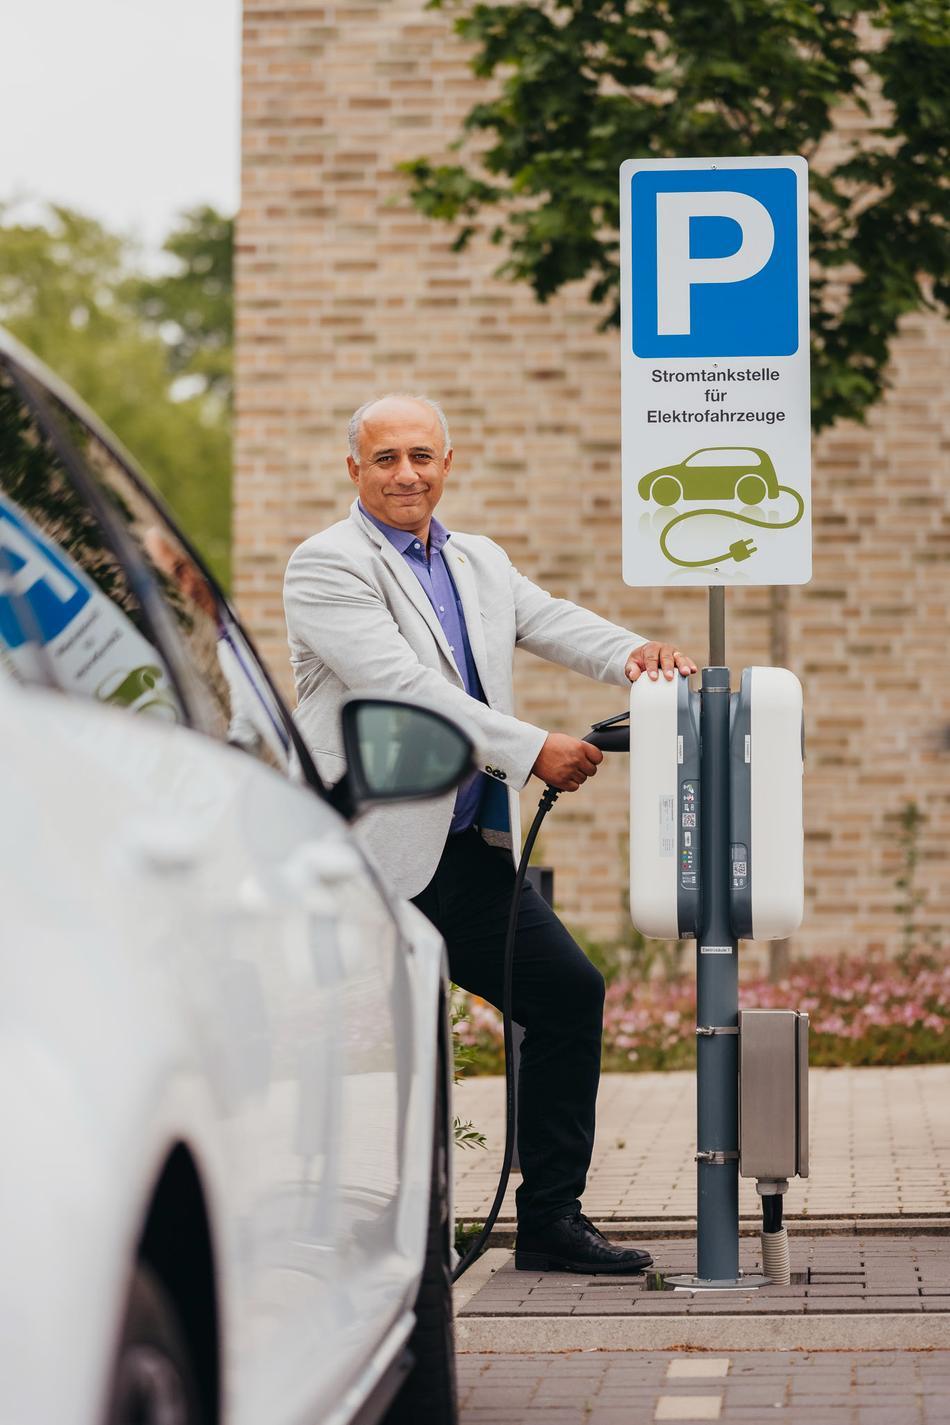 Geschäftsmann lädt E-Auto mit E-Ladebox